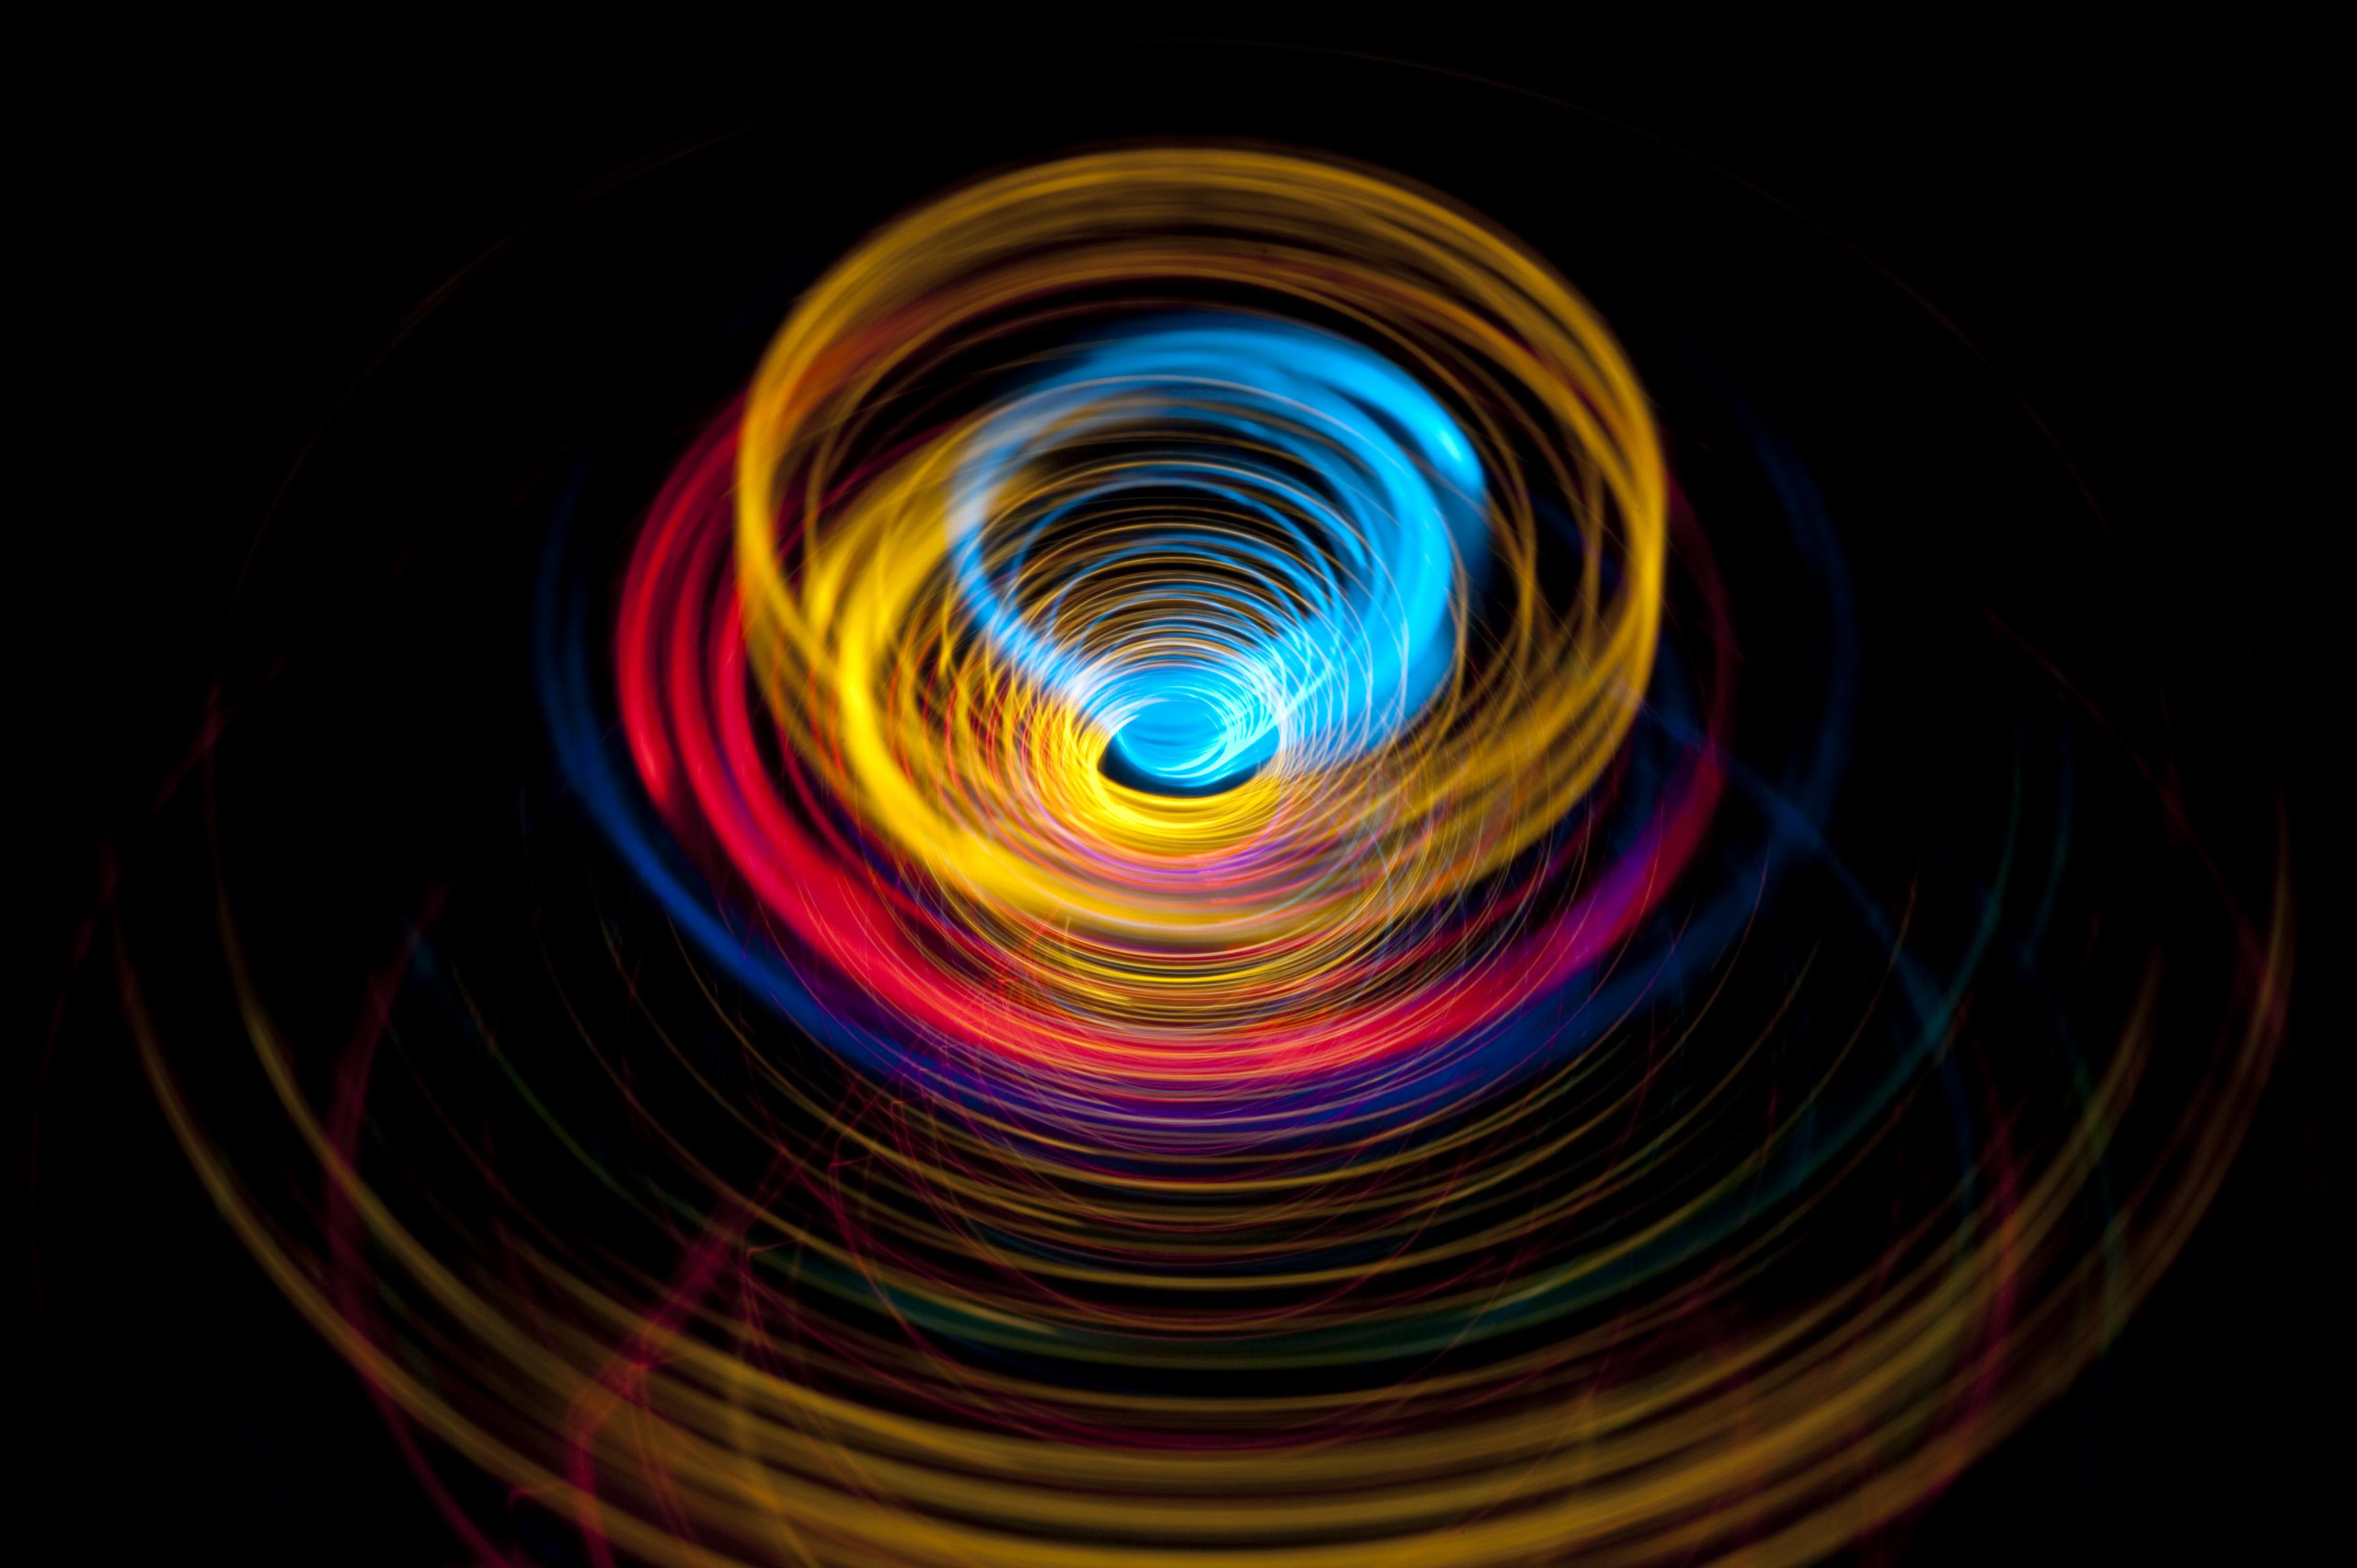 Circles Motion Rotation Abstract Colorful 4k, HD Abstract ...